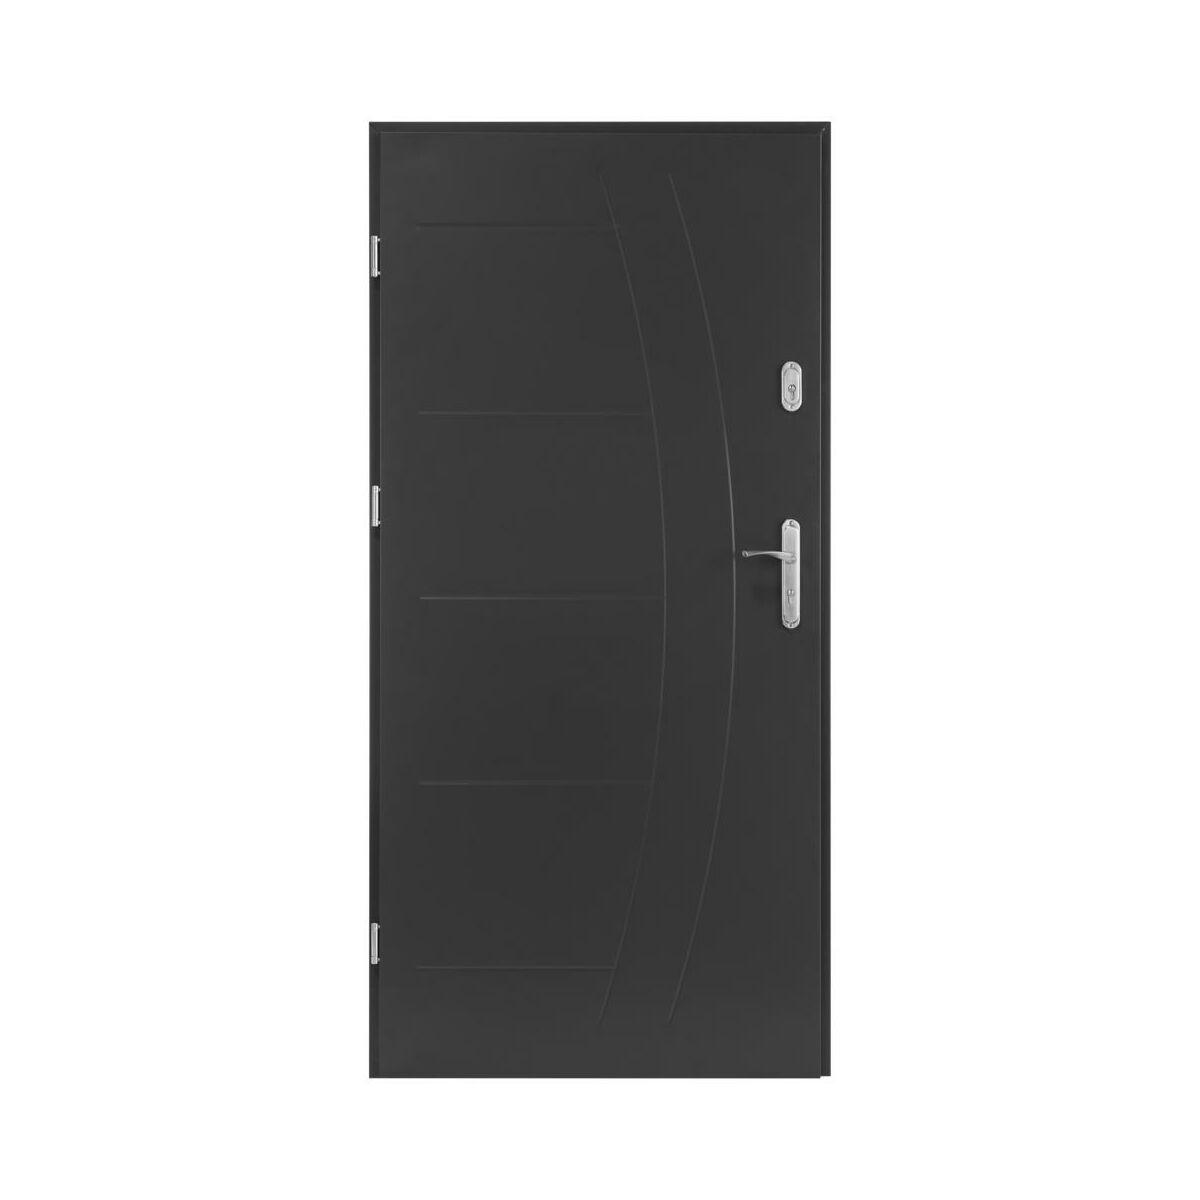 Drzwi Wejsciowe Lumis Antracyt 80 Lewe Drzwi Wejsciowe Do Domu Mieszkania W Atrakcyjnej Cenie W Sklepach Leroy Merlin